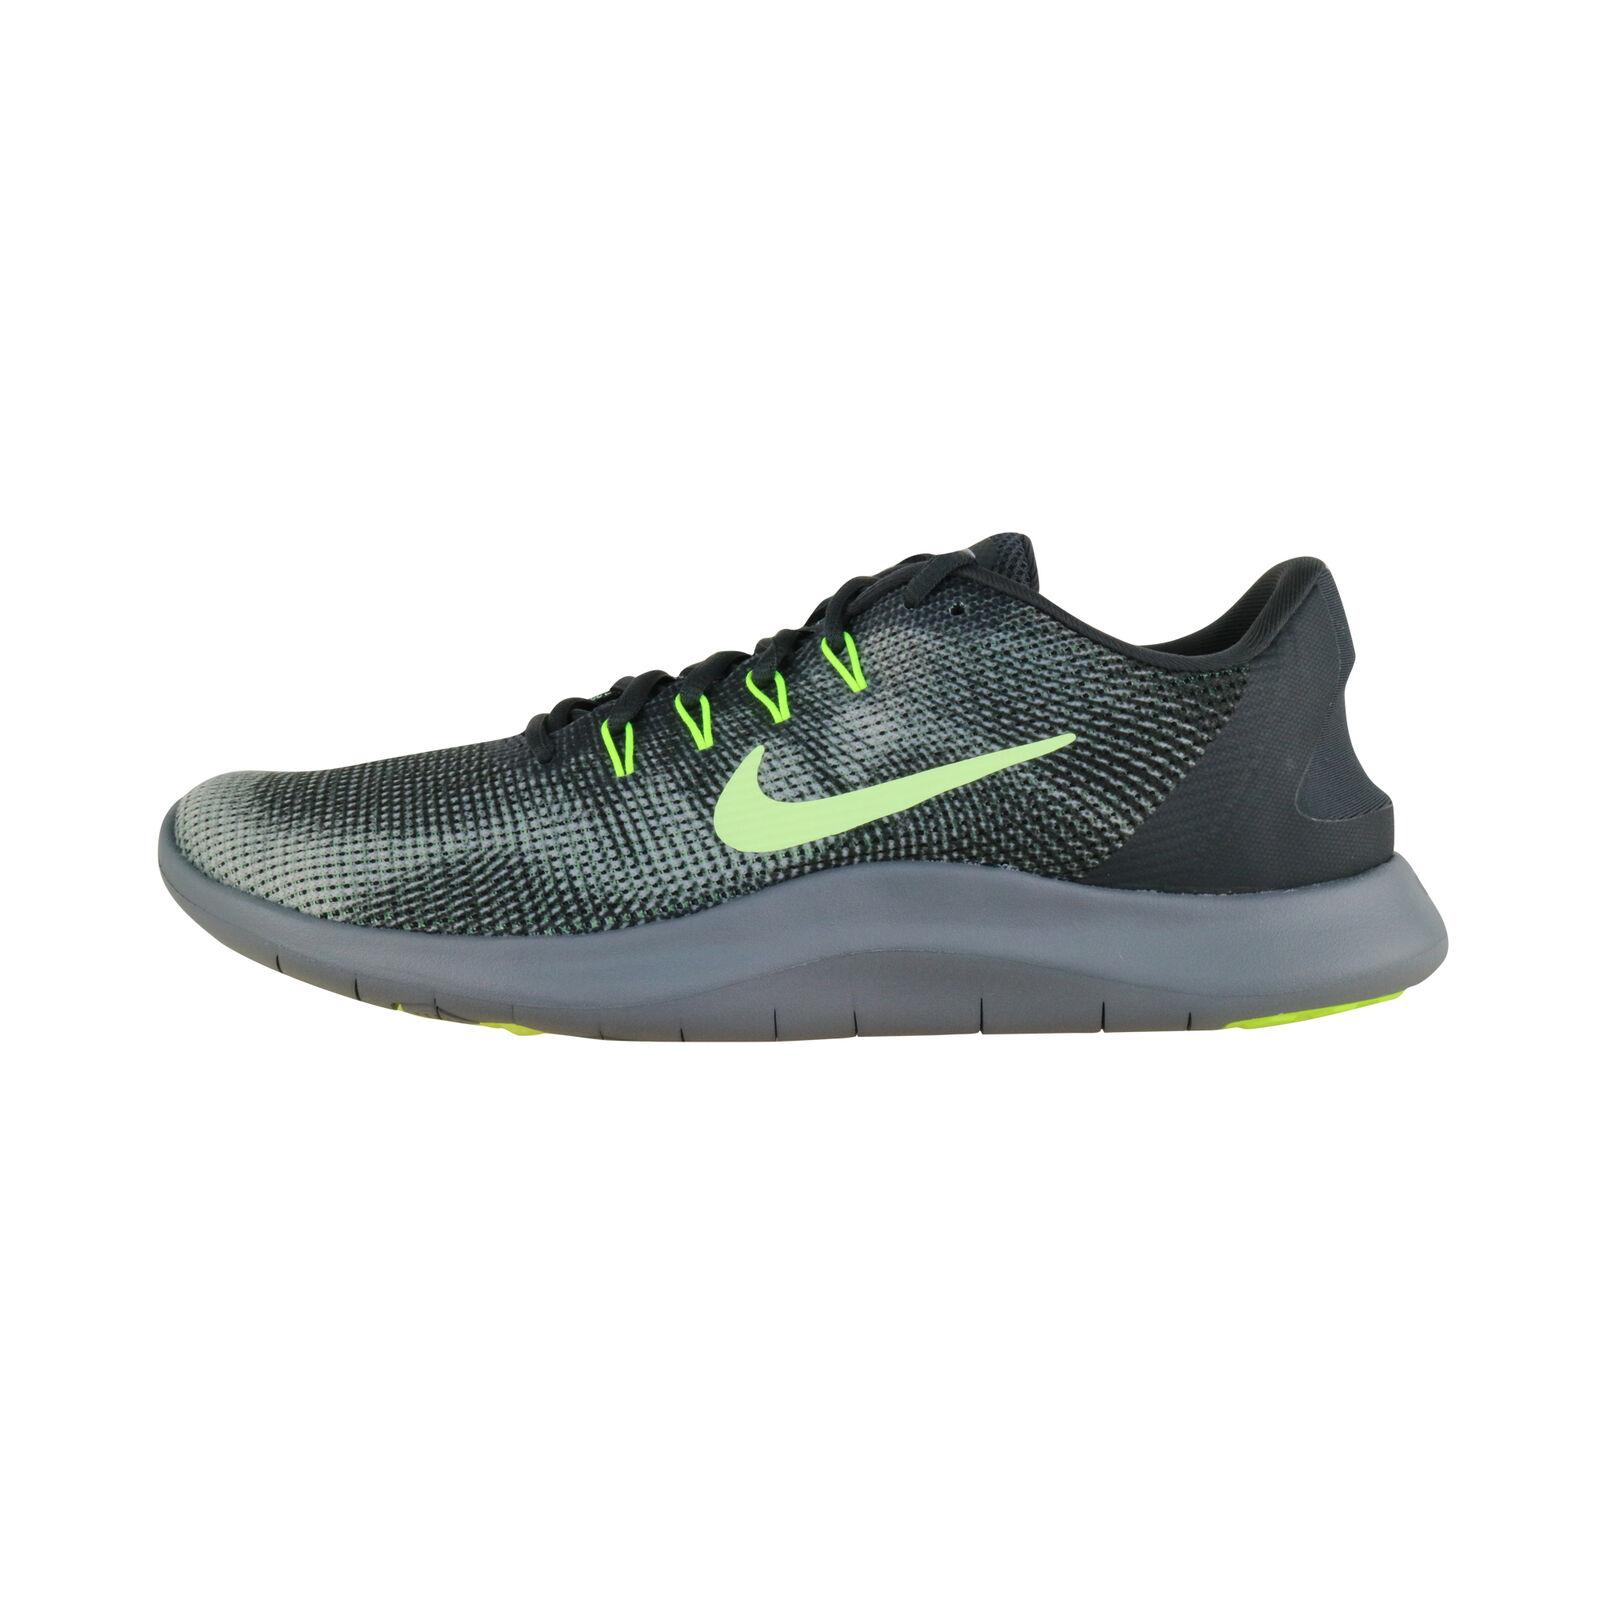 Rn Pflf18b035354 Flex Sneaker Nike 007 2018 Aa7397 Tanzer vmN0wO8n